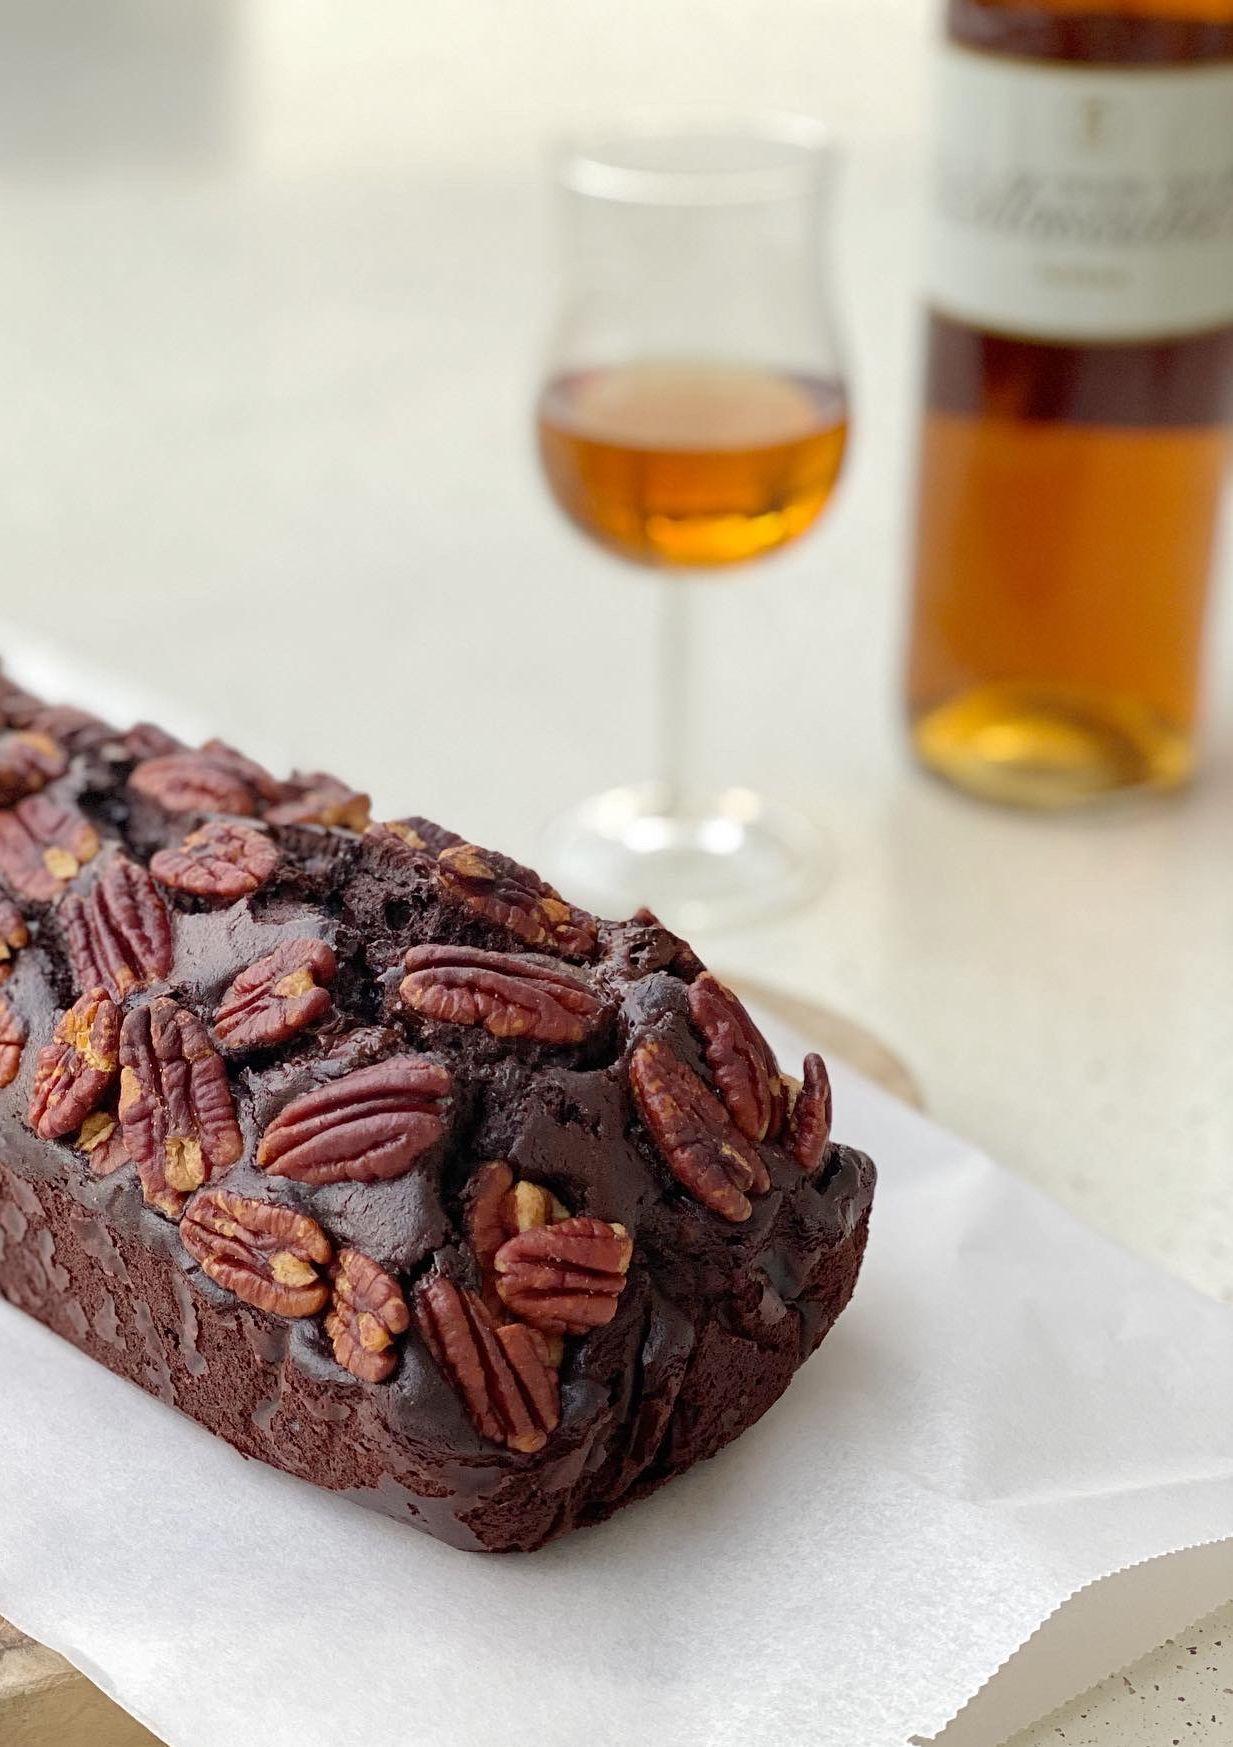 Wijnspijs: Chocoladetaart met walnoten